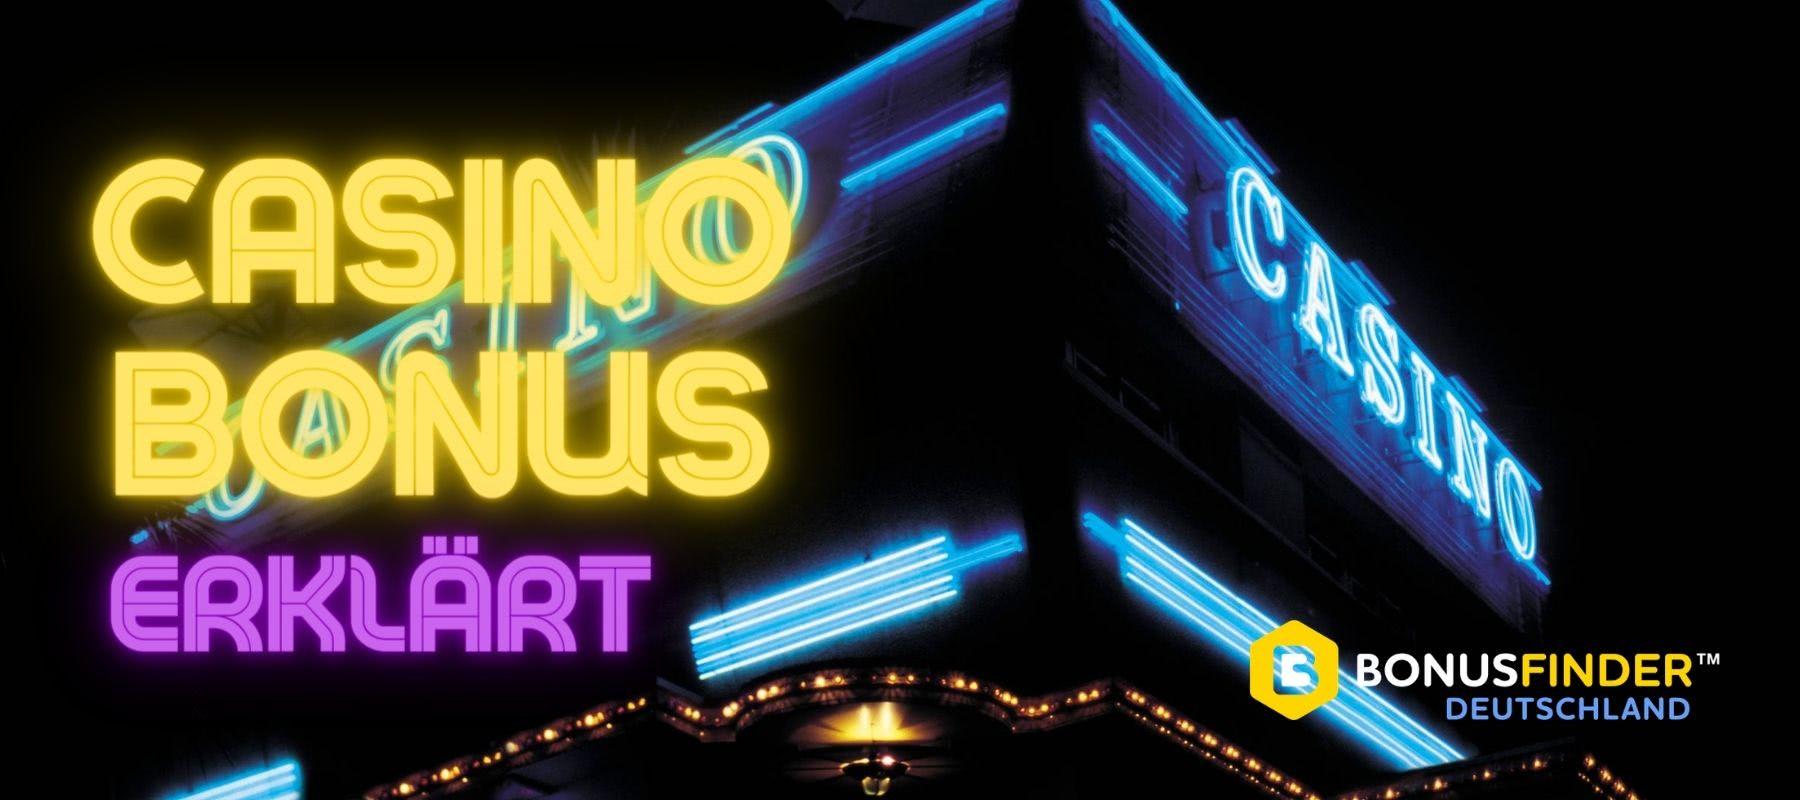 casino bonus erklärt